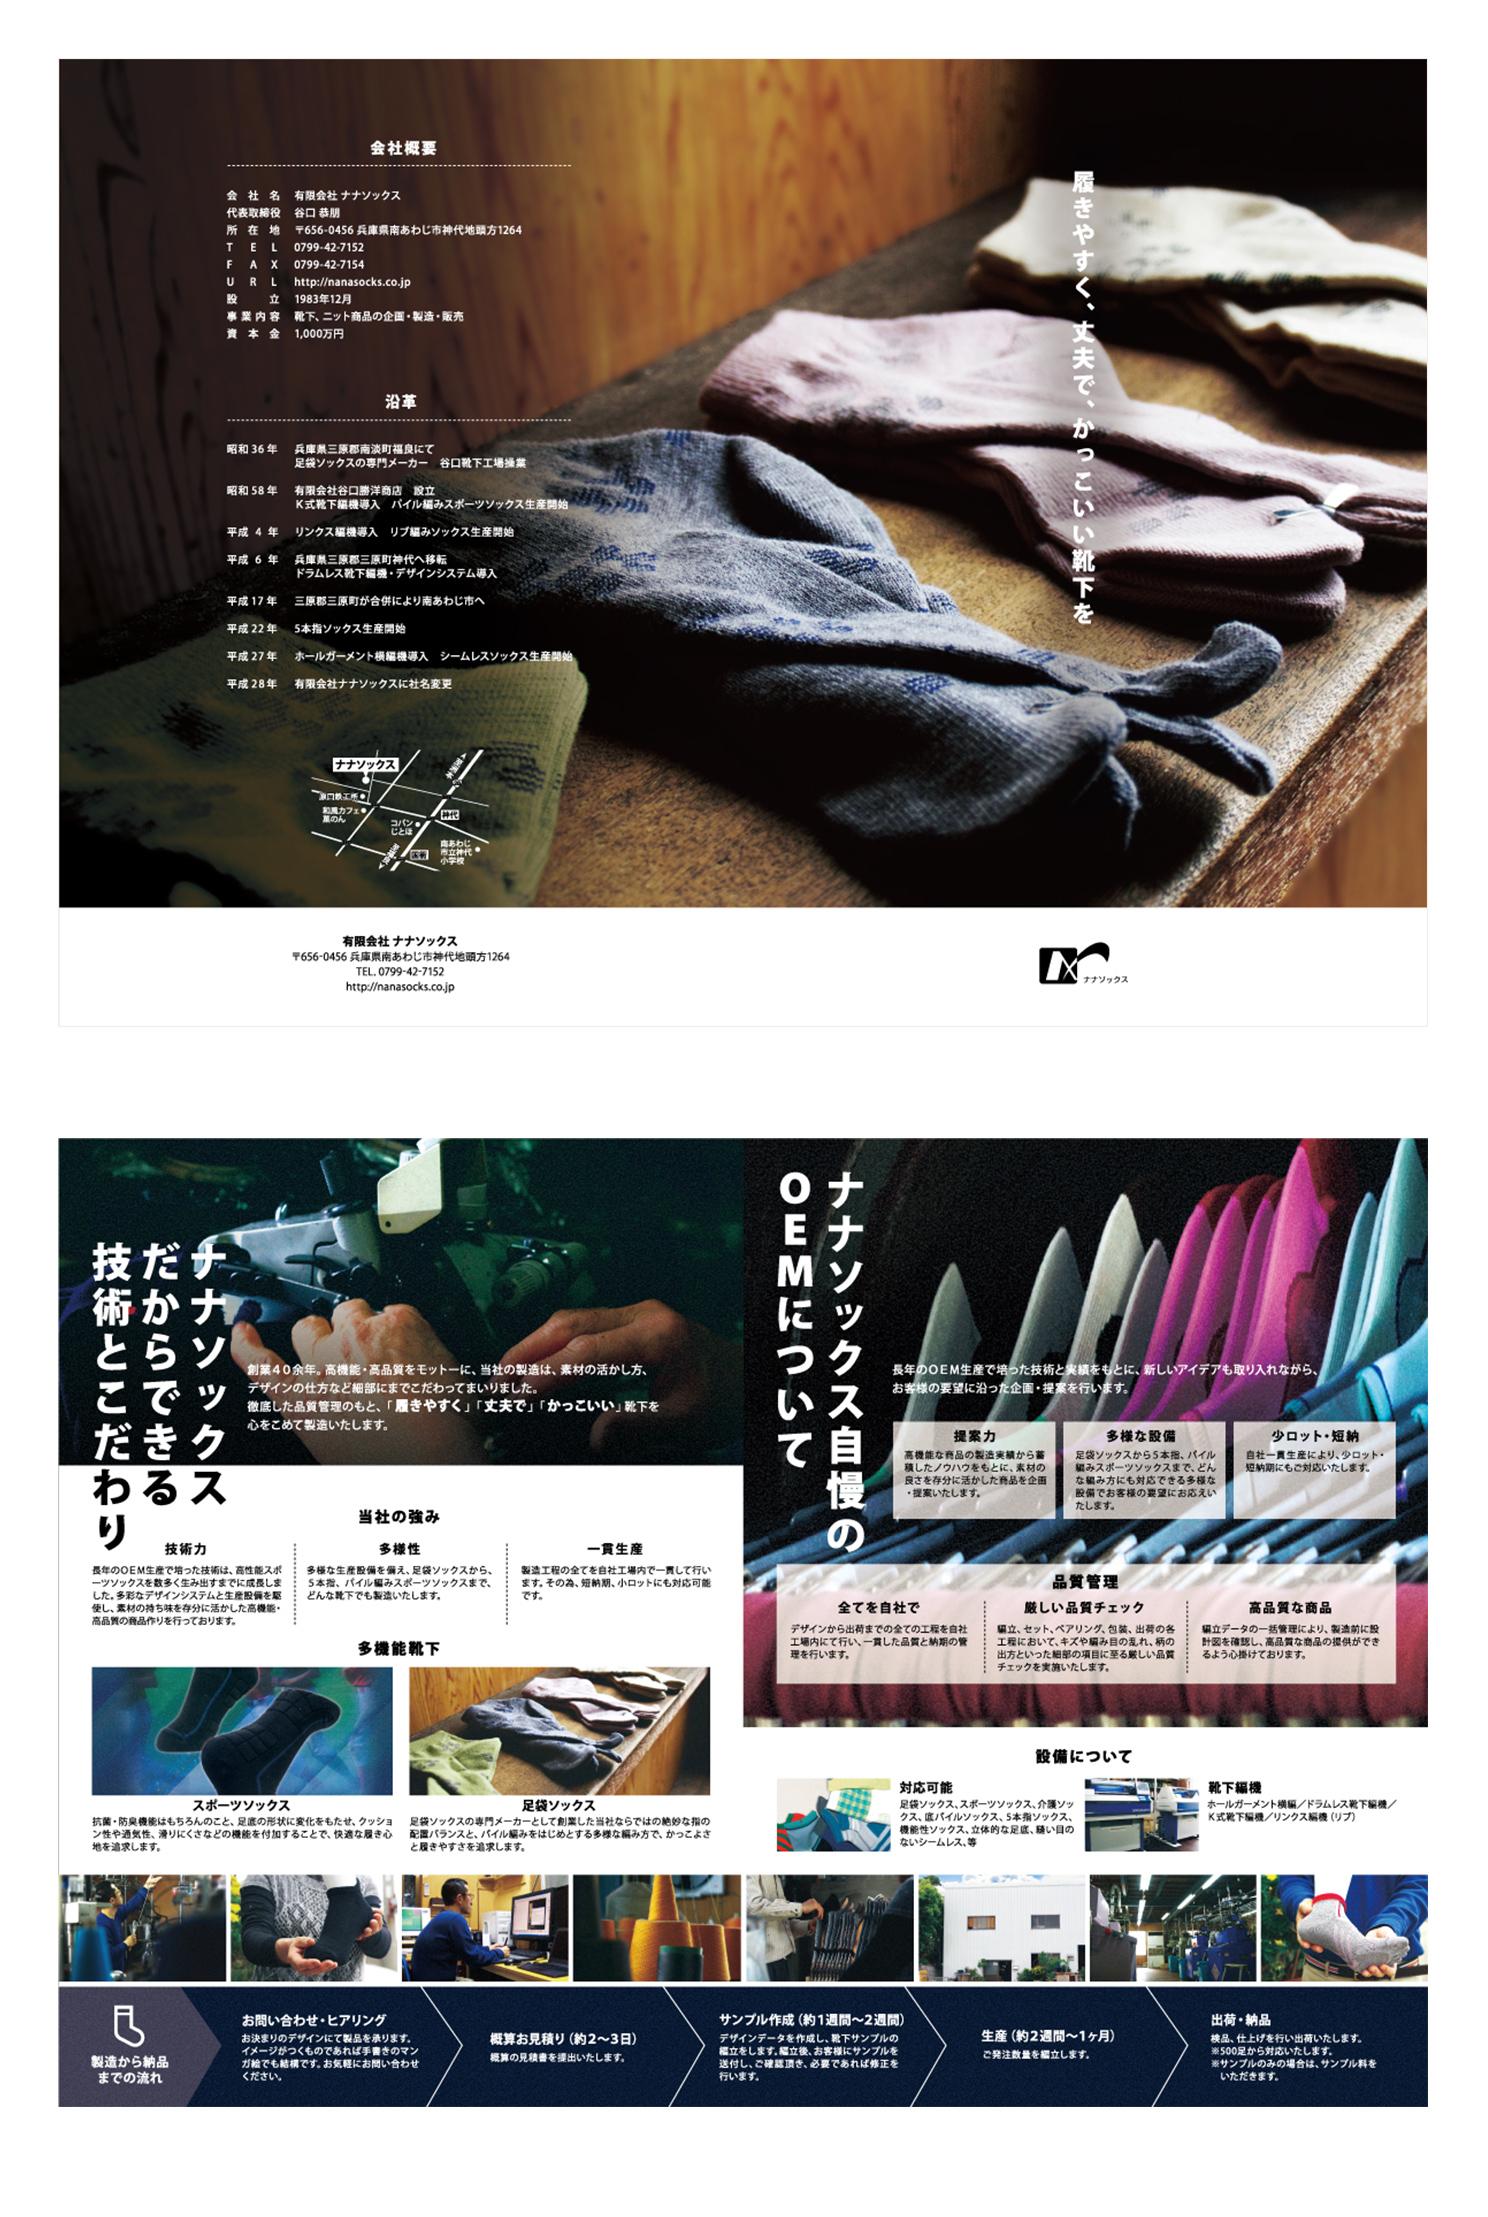 ナナソックス様会社案内パンフレット制作02